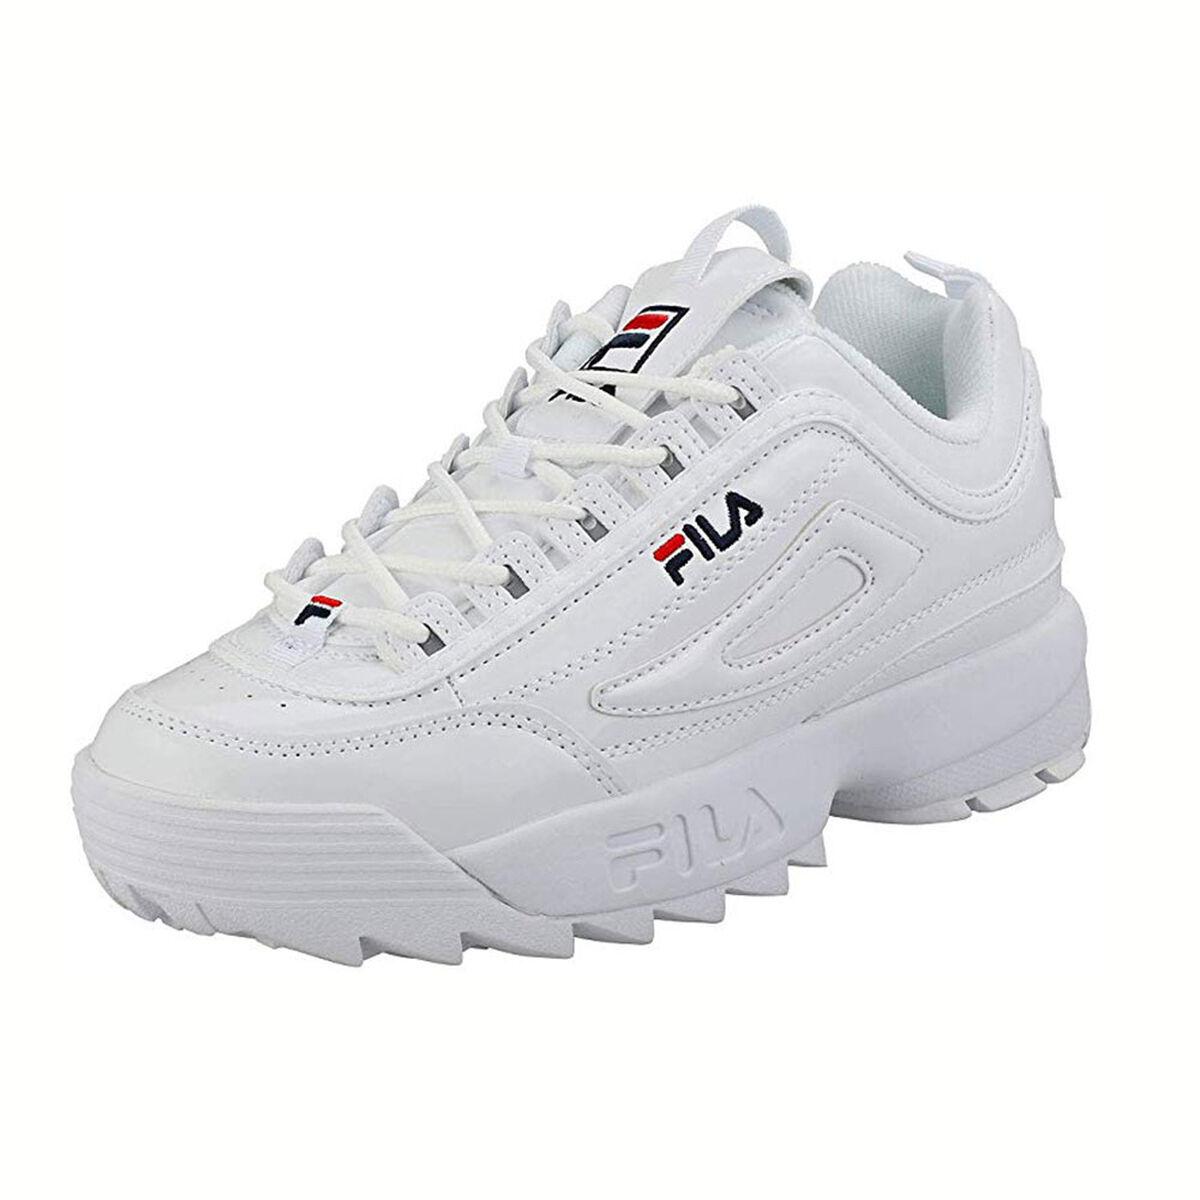 1998 fila zapatillas zapatillas de deporte